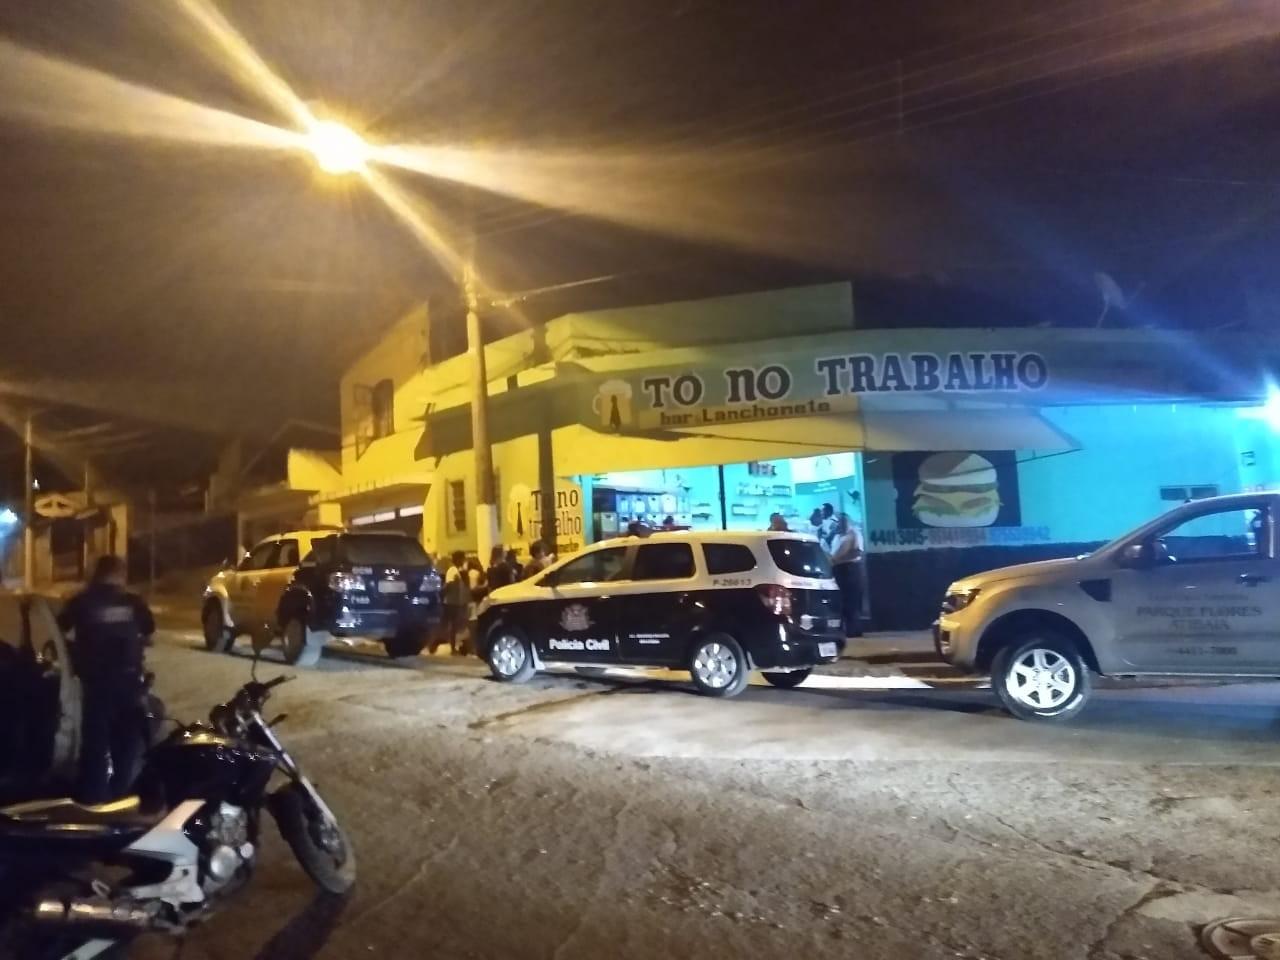 Funcionária é assassinada a tiros durante roubo a bar em Atibaia, SP - Notícias - Plantão Diário